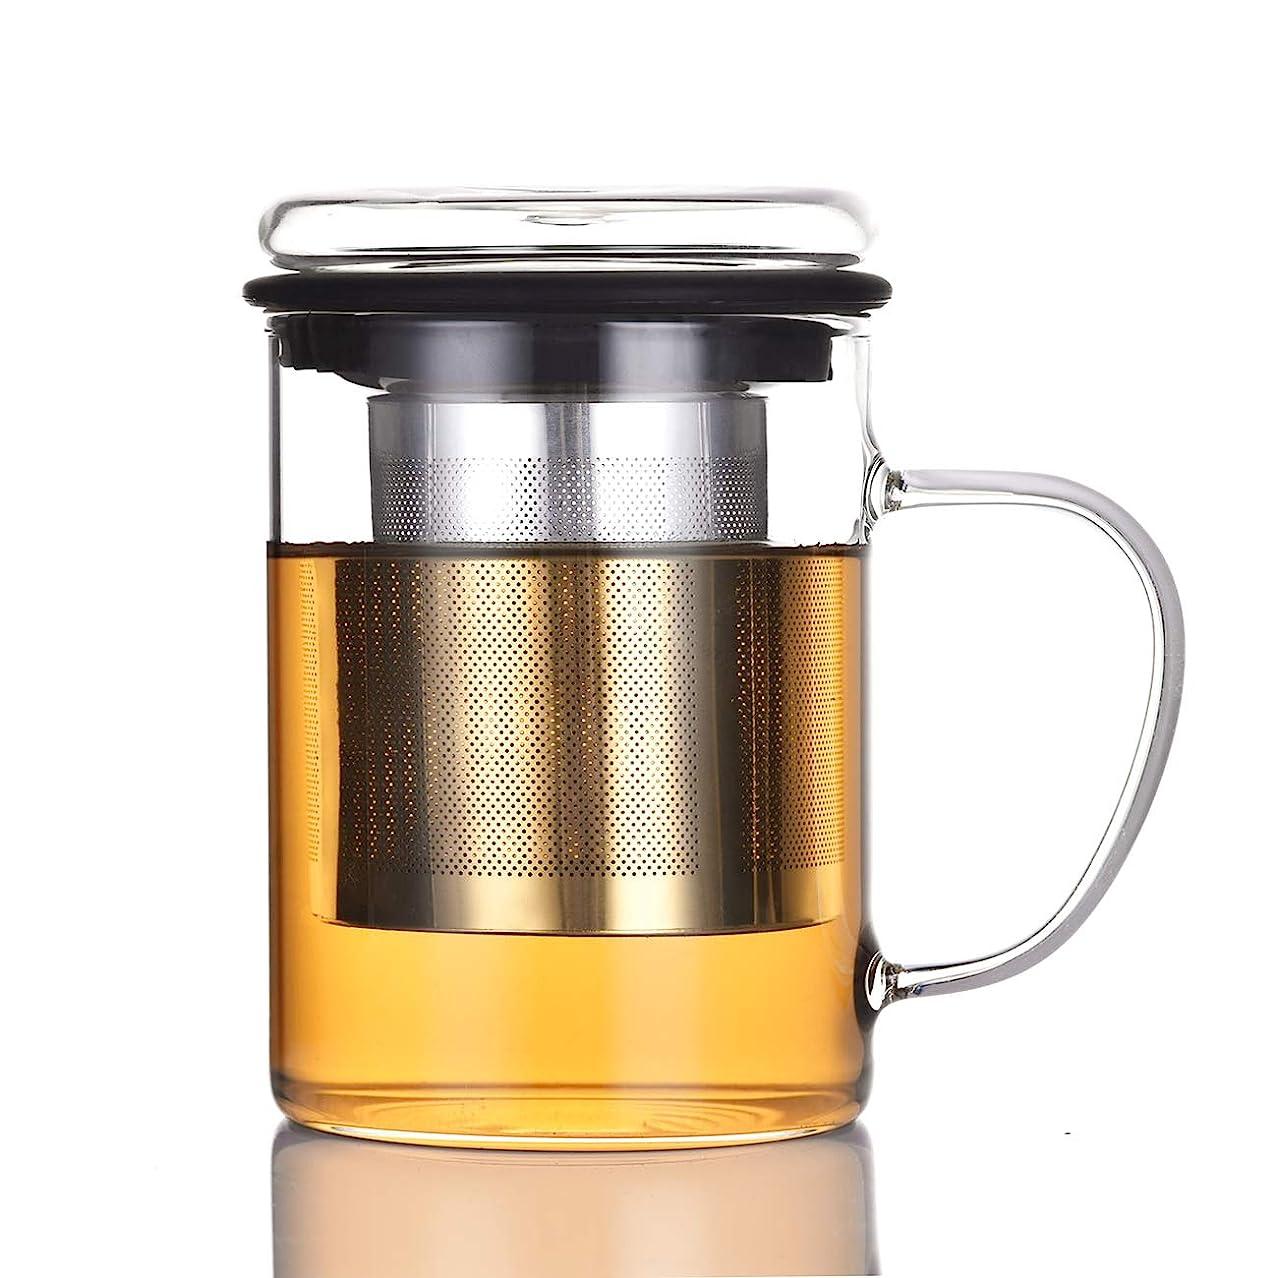 りんごなぞらえる通信する耐熱ガラスマグカップ 400ml 高品質で丈夫なステンレス鋼茶こし 透明なガラスふた 付き 持ちやすい (黒, 400ML)